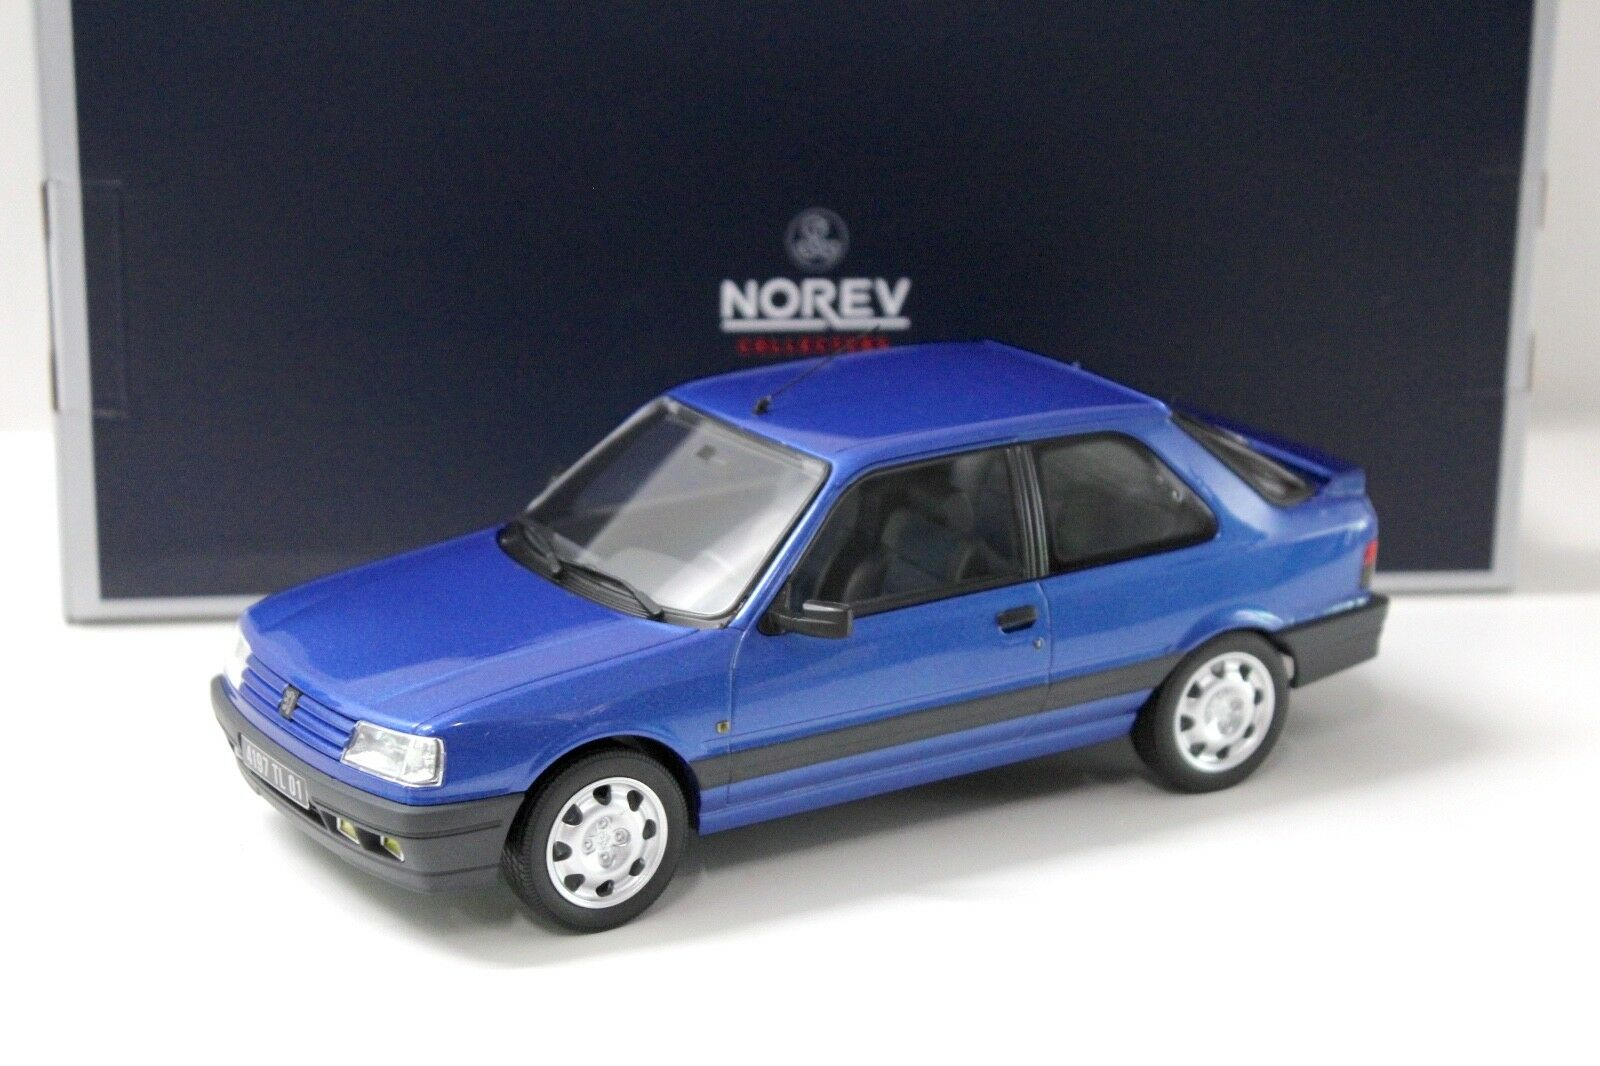 1 18 Norev Peugeot 309 GTI 16 Miami Blau 1991 NEW bei PREMIUM-MODELCARS